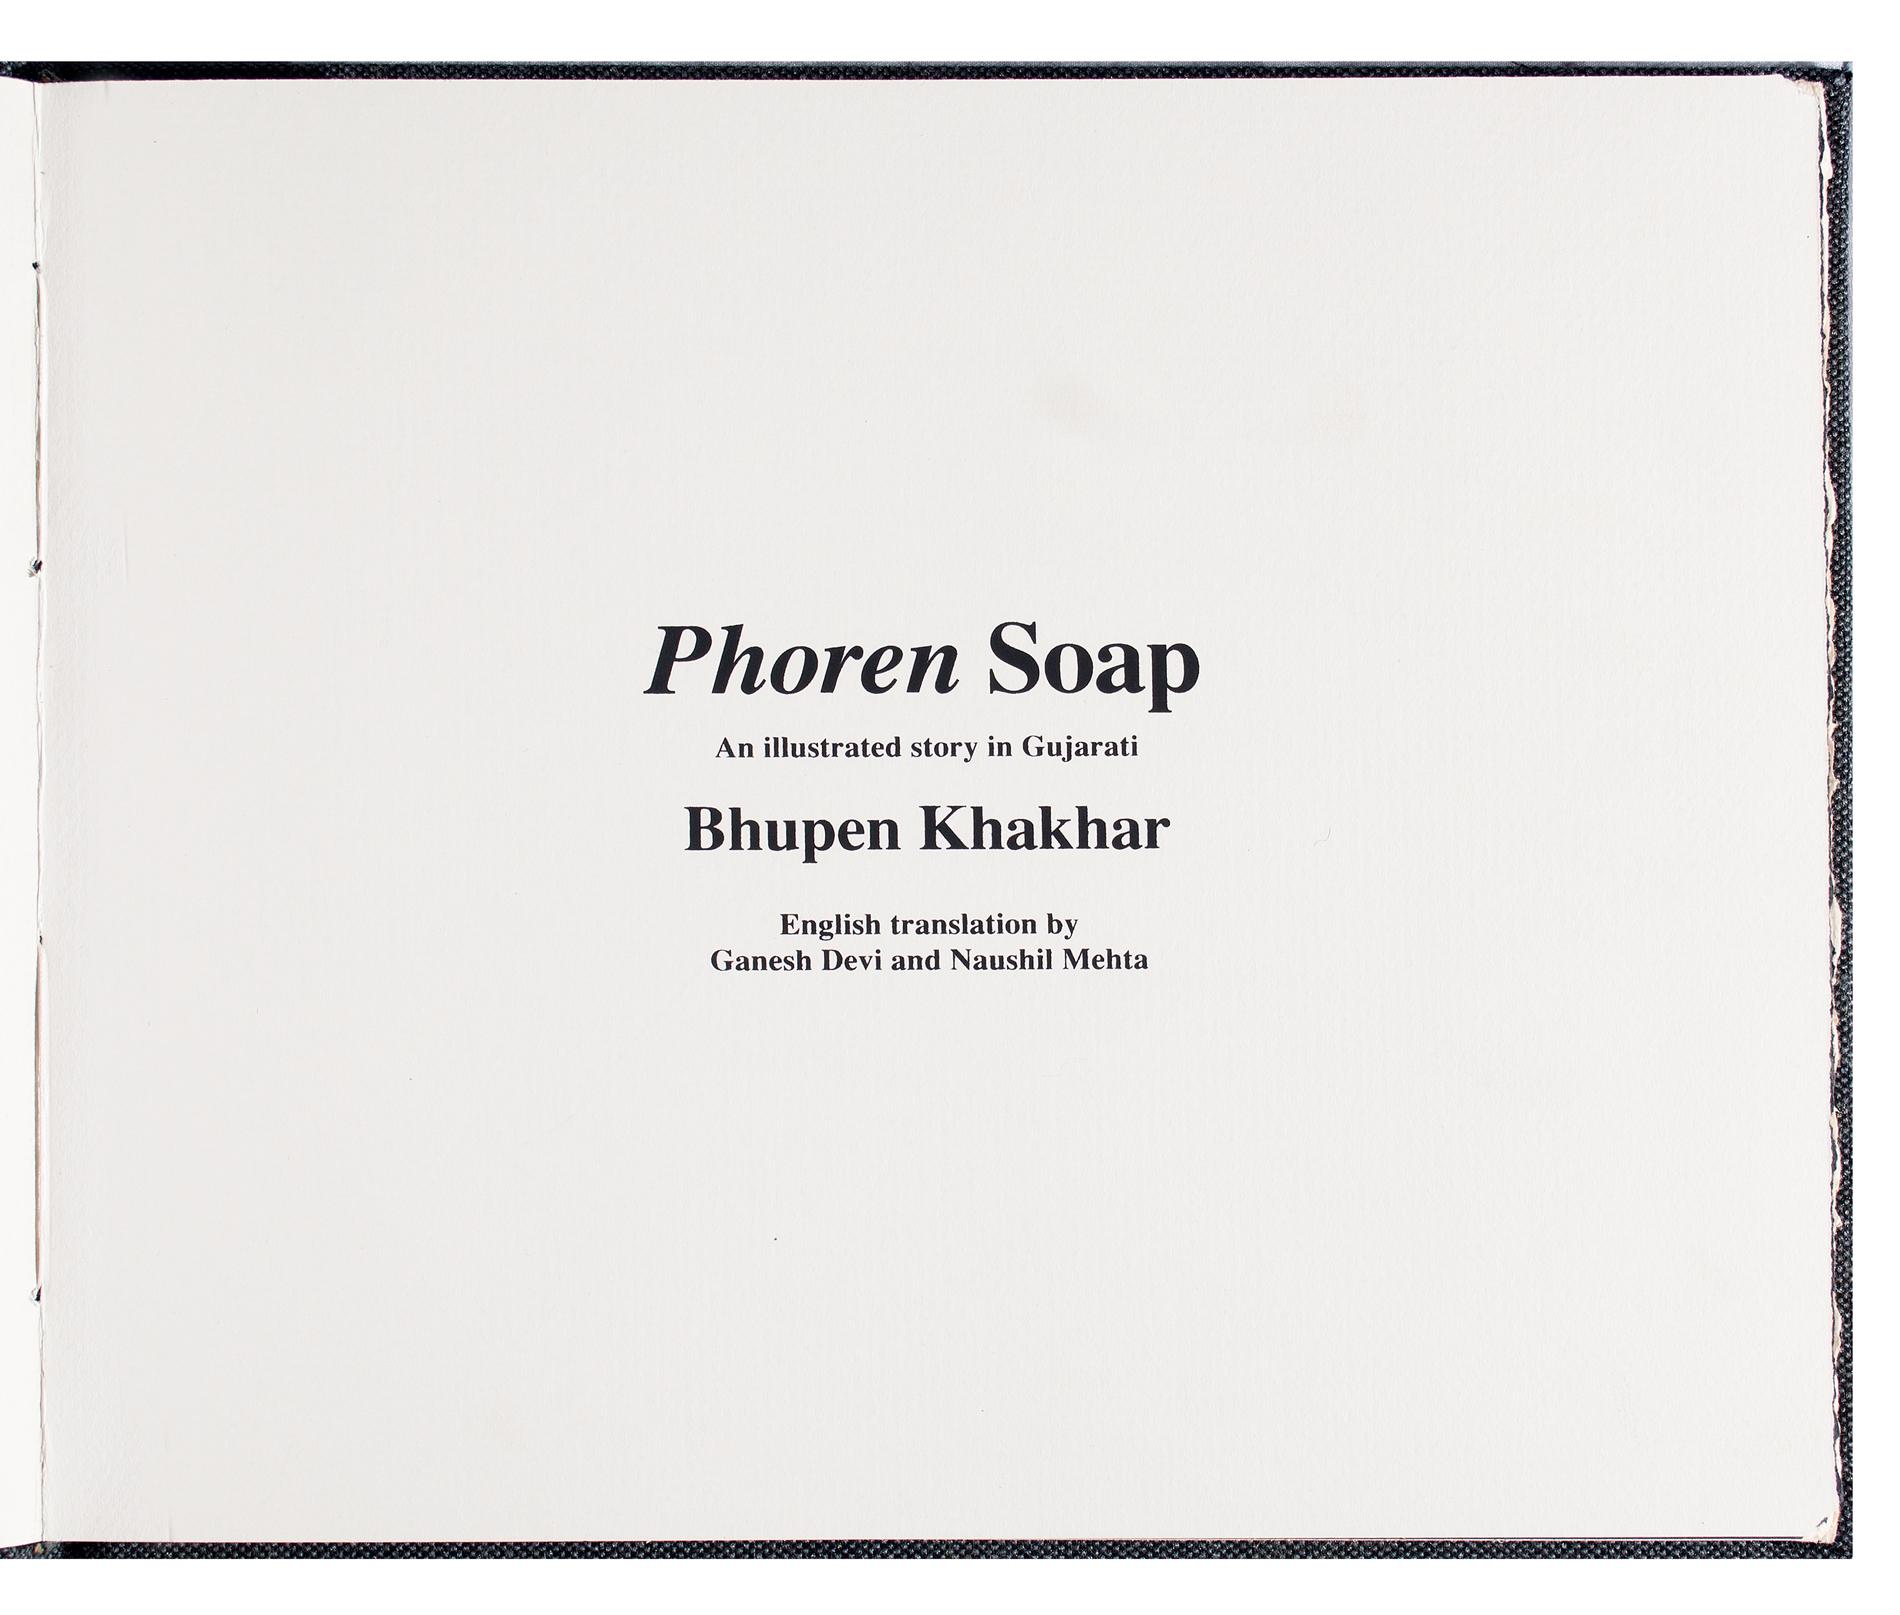 PHOREN SOAP